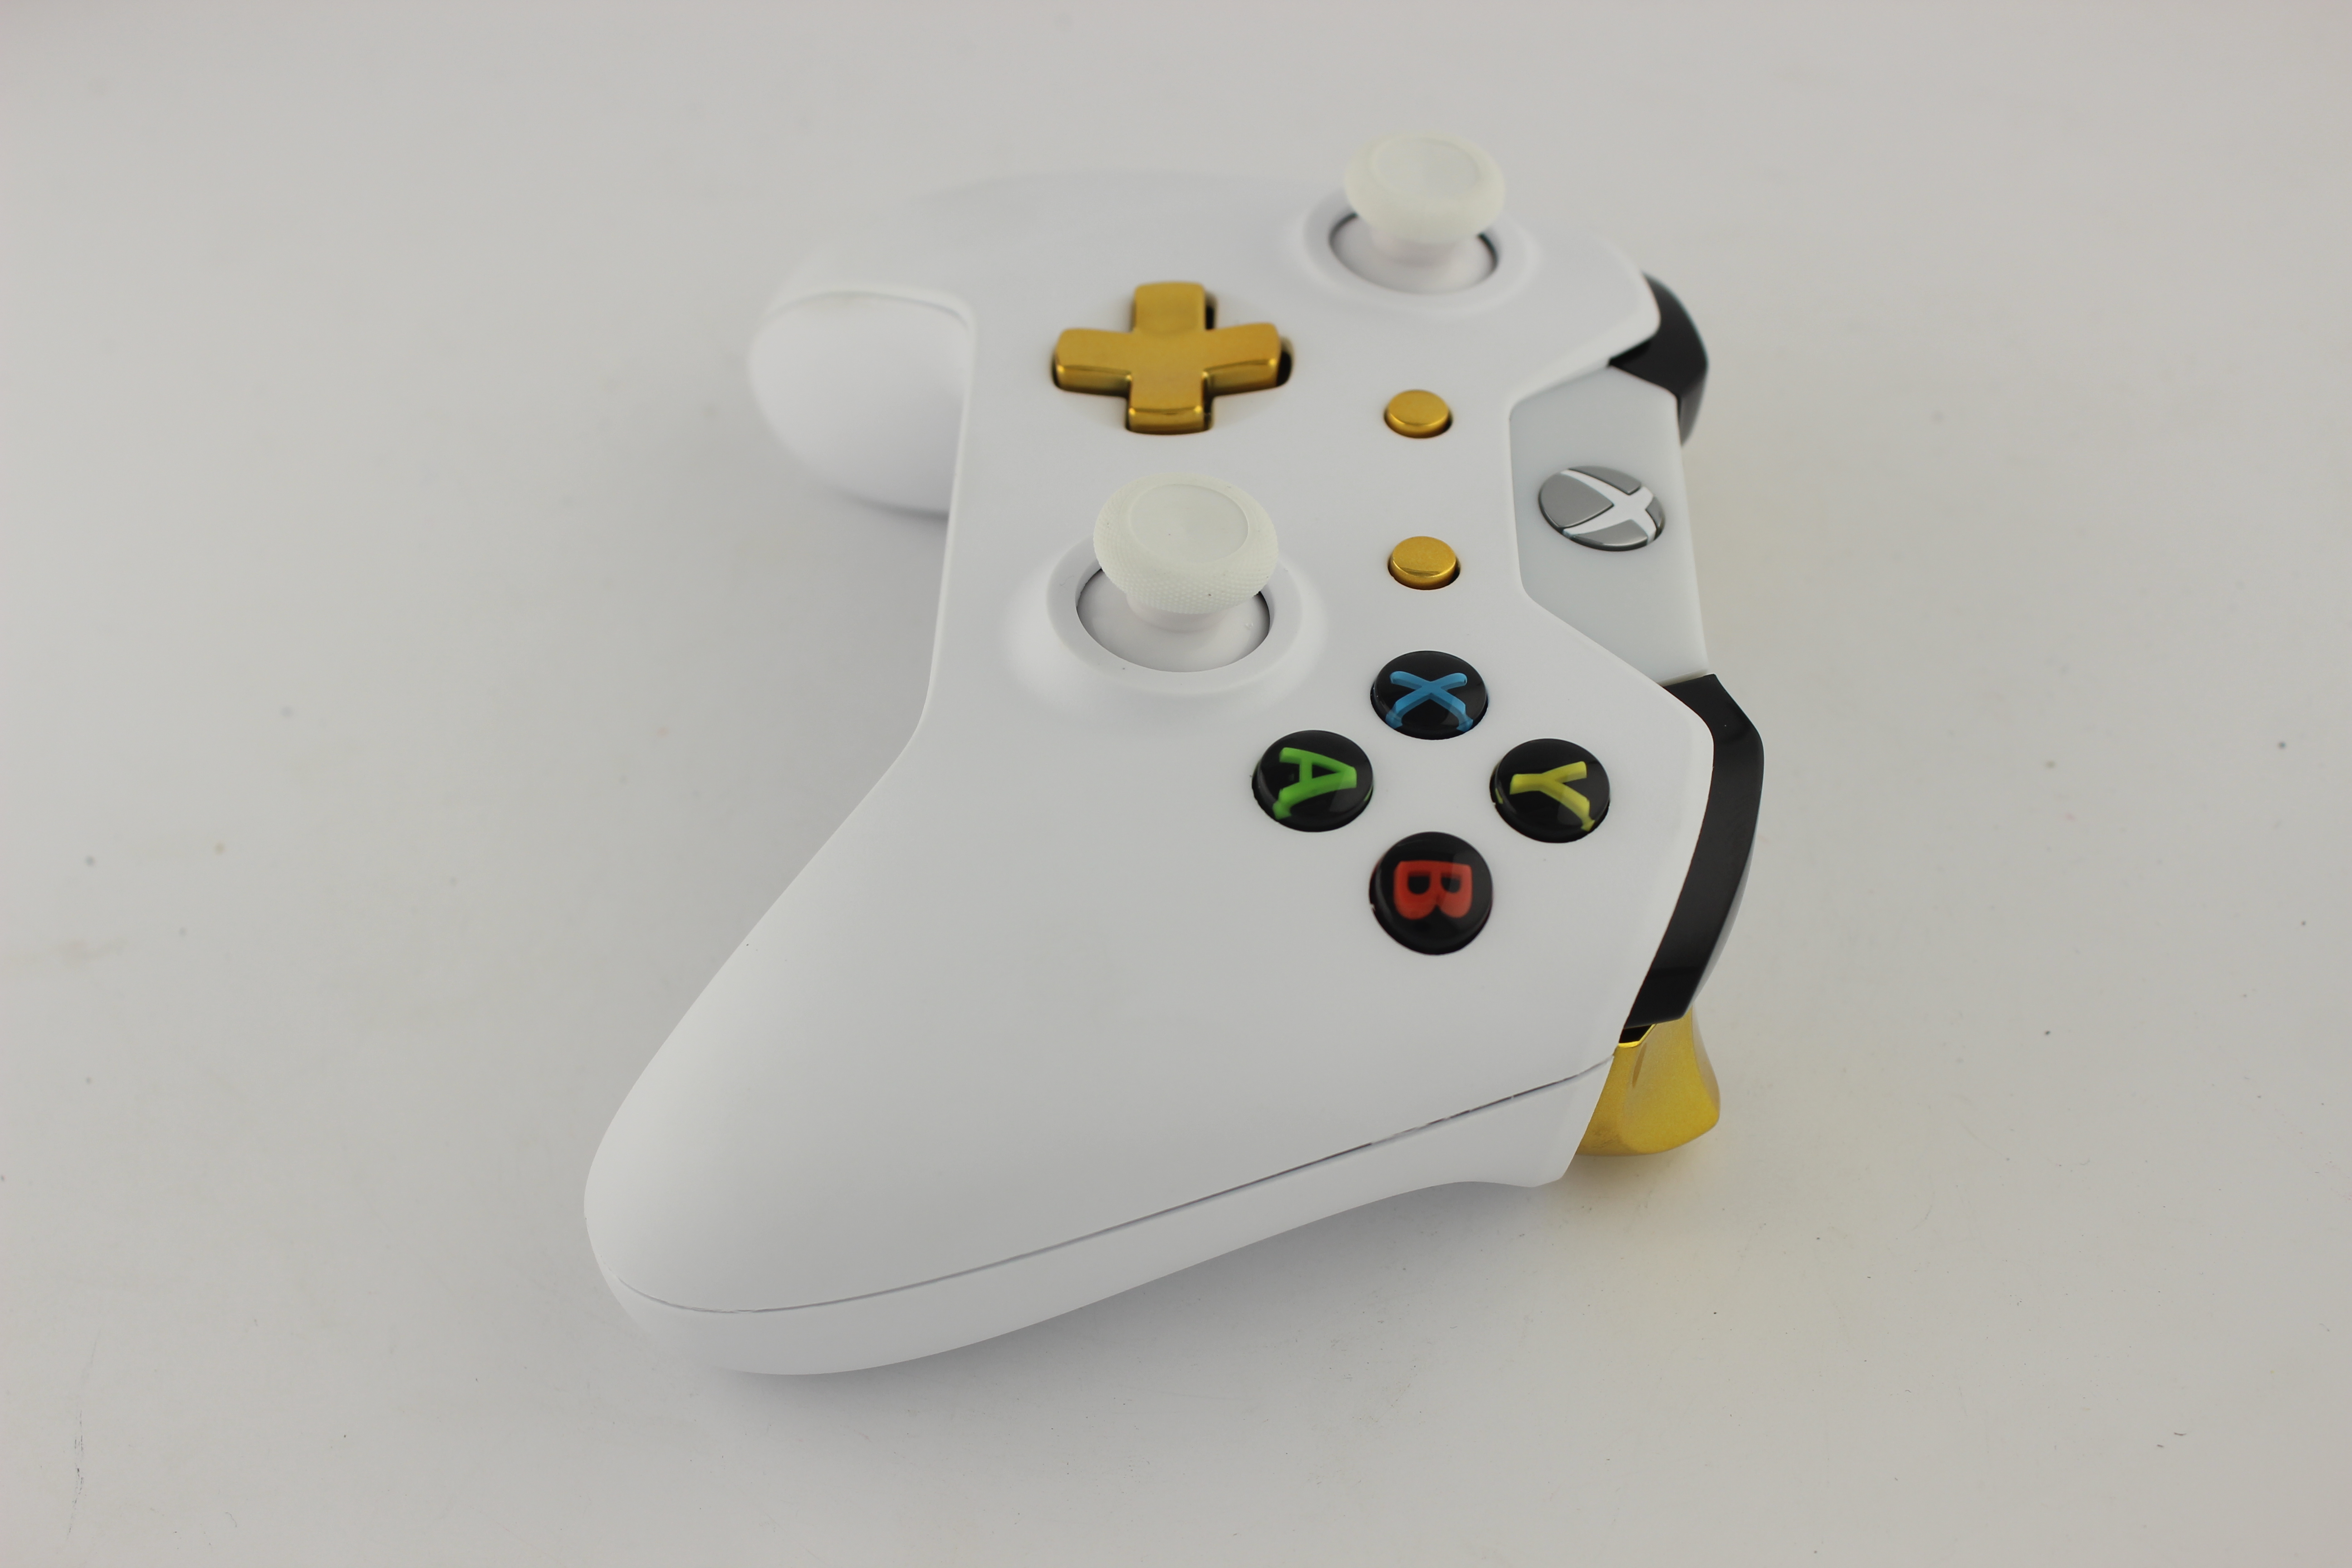 White Xbox One Controller with White Sticks 6 - MorbidStix